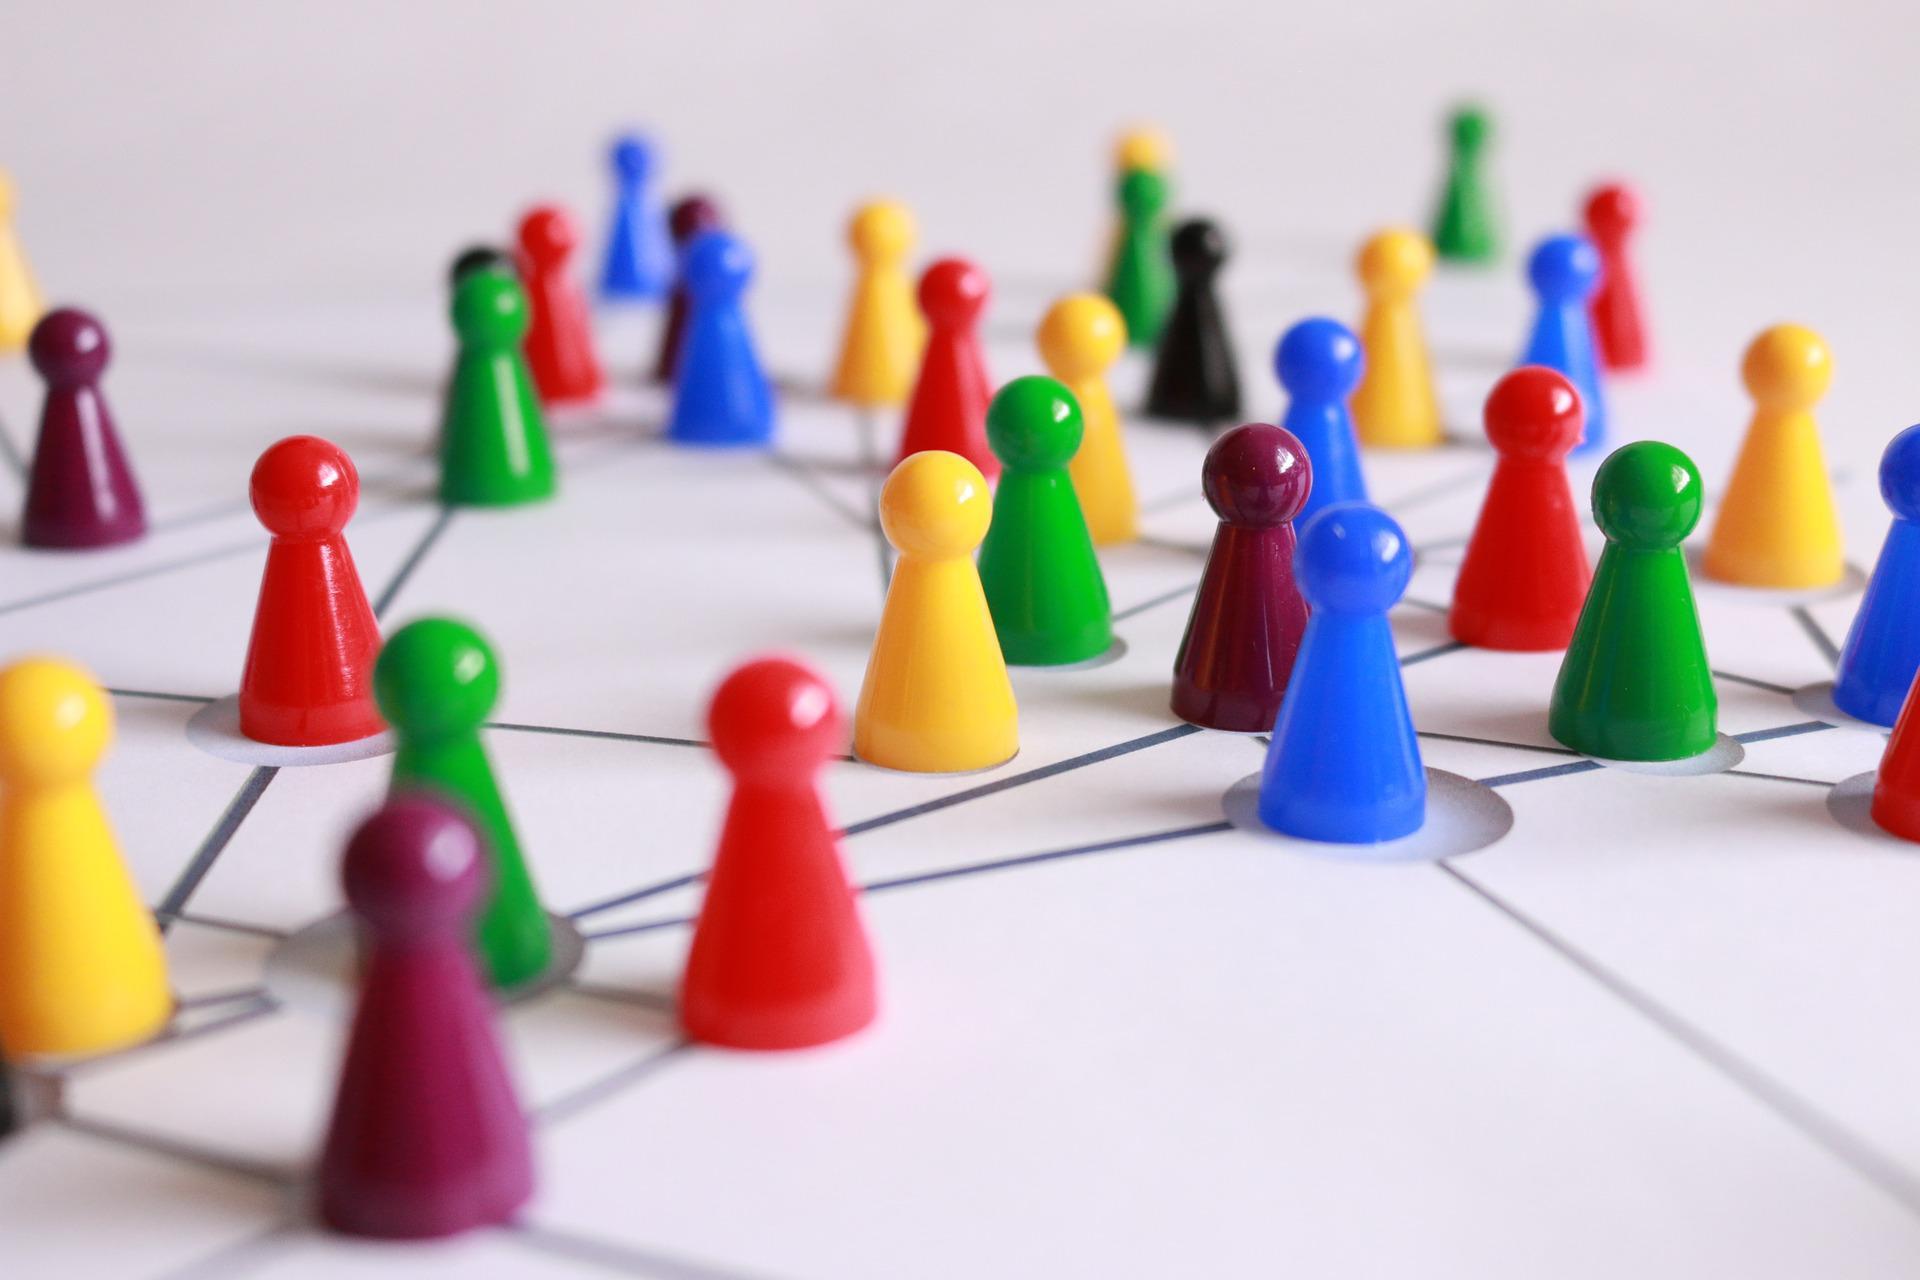 Gamificação nas escolas: entenda o que é e as vantagens que a prática traz